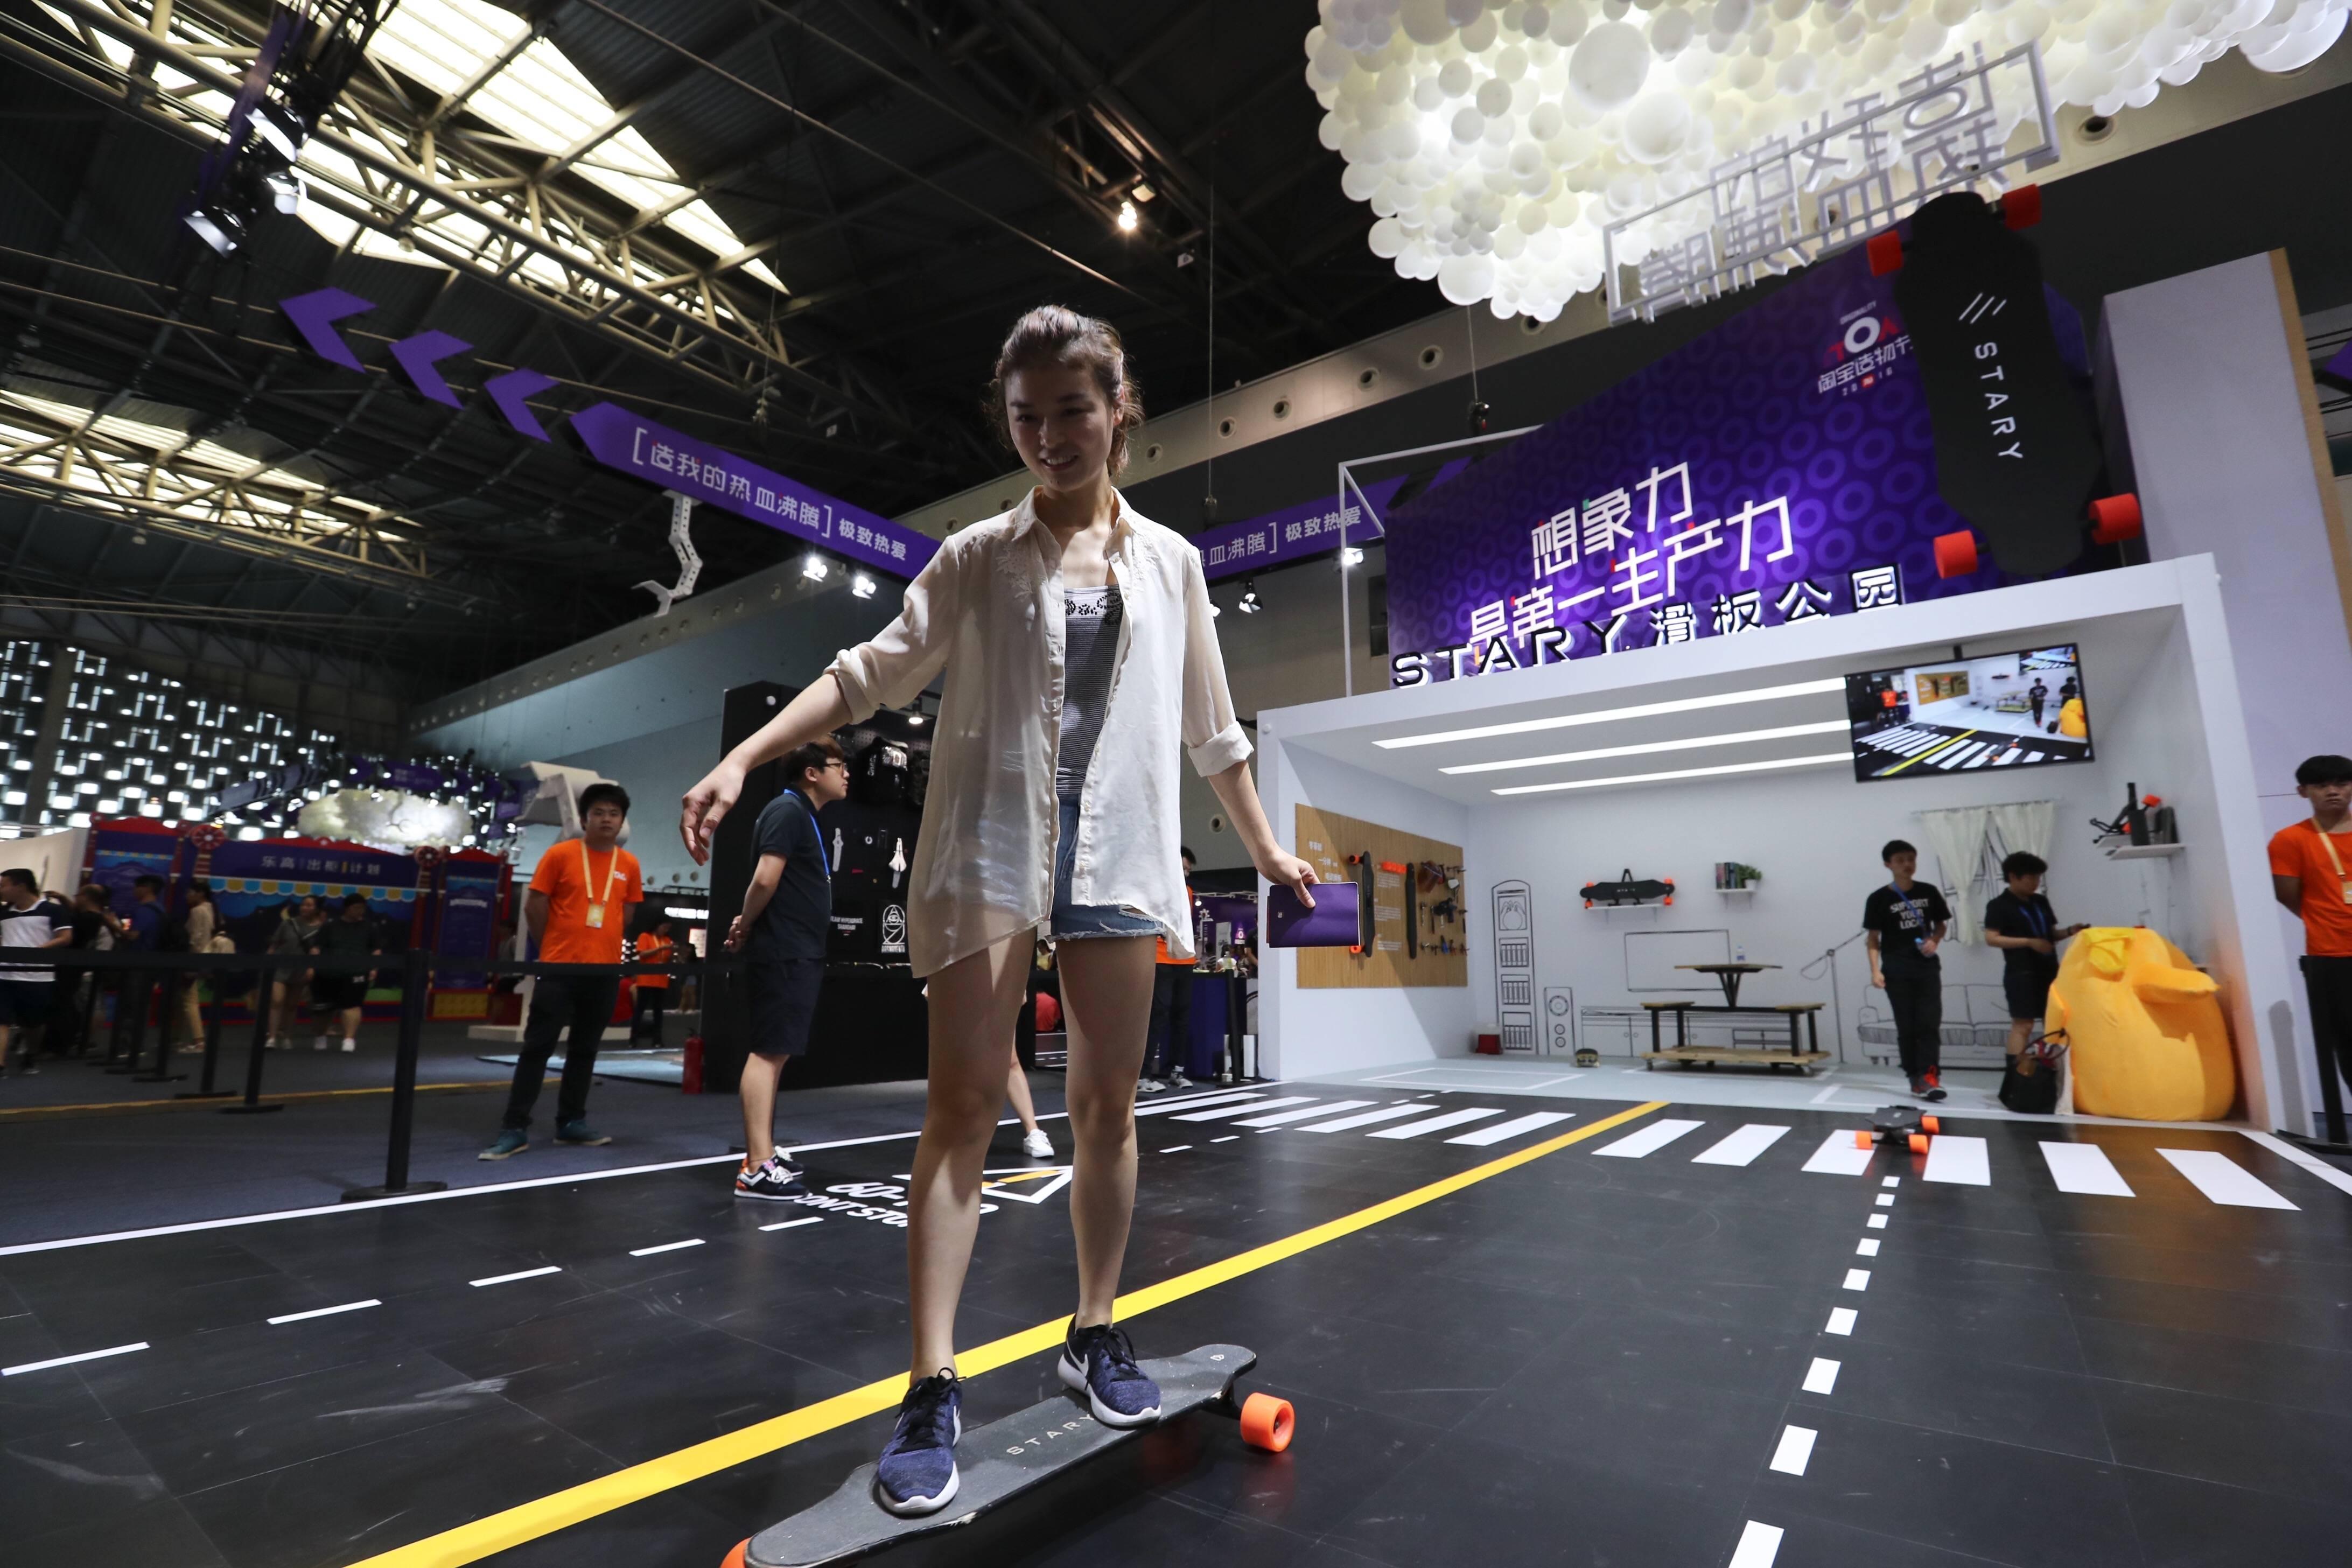 这是stary公司带来的电动滑板,遥控动力,方向还是要靠重力控制,穿高跟鞋都能玩